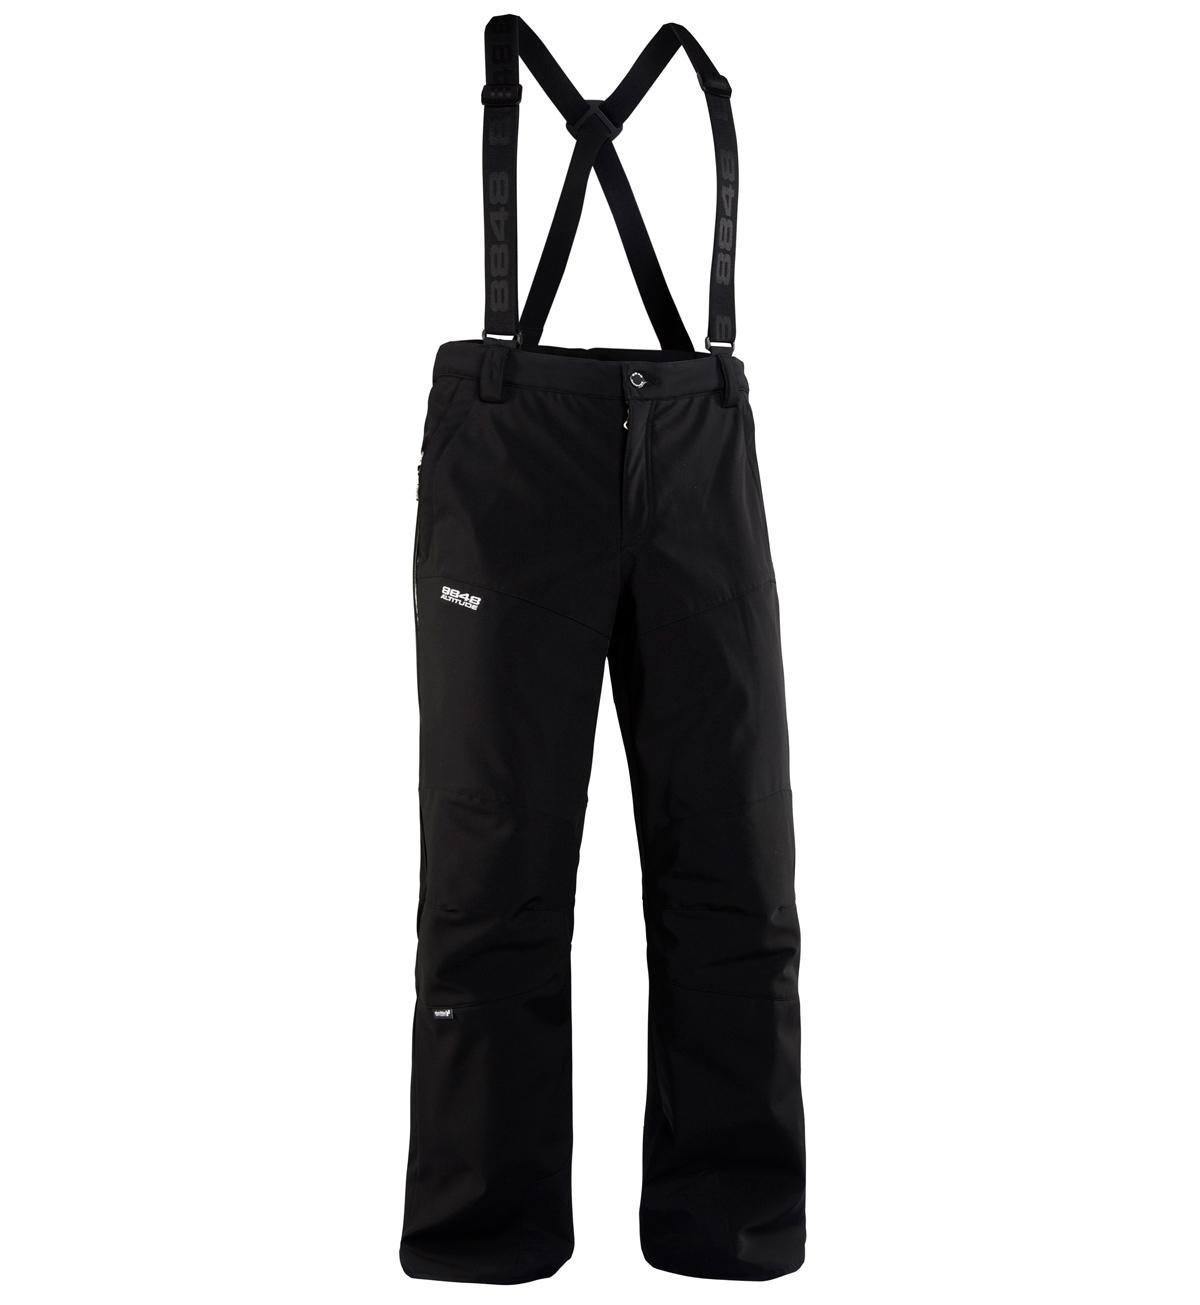 Брюки горнолыжные 8848 Altitude MURRAY Black мужские